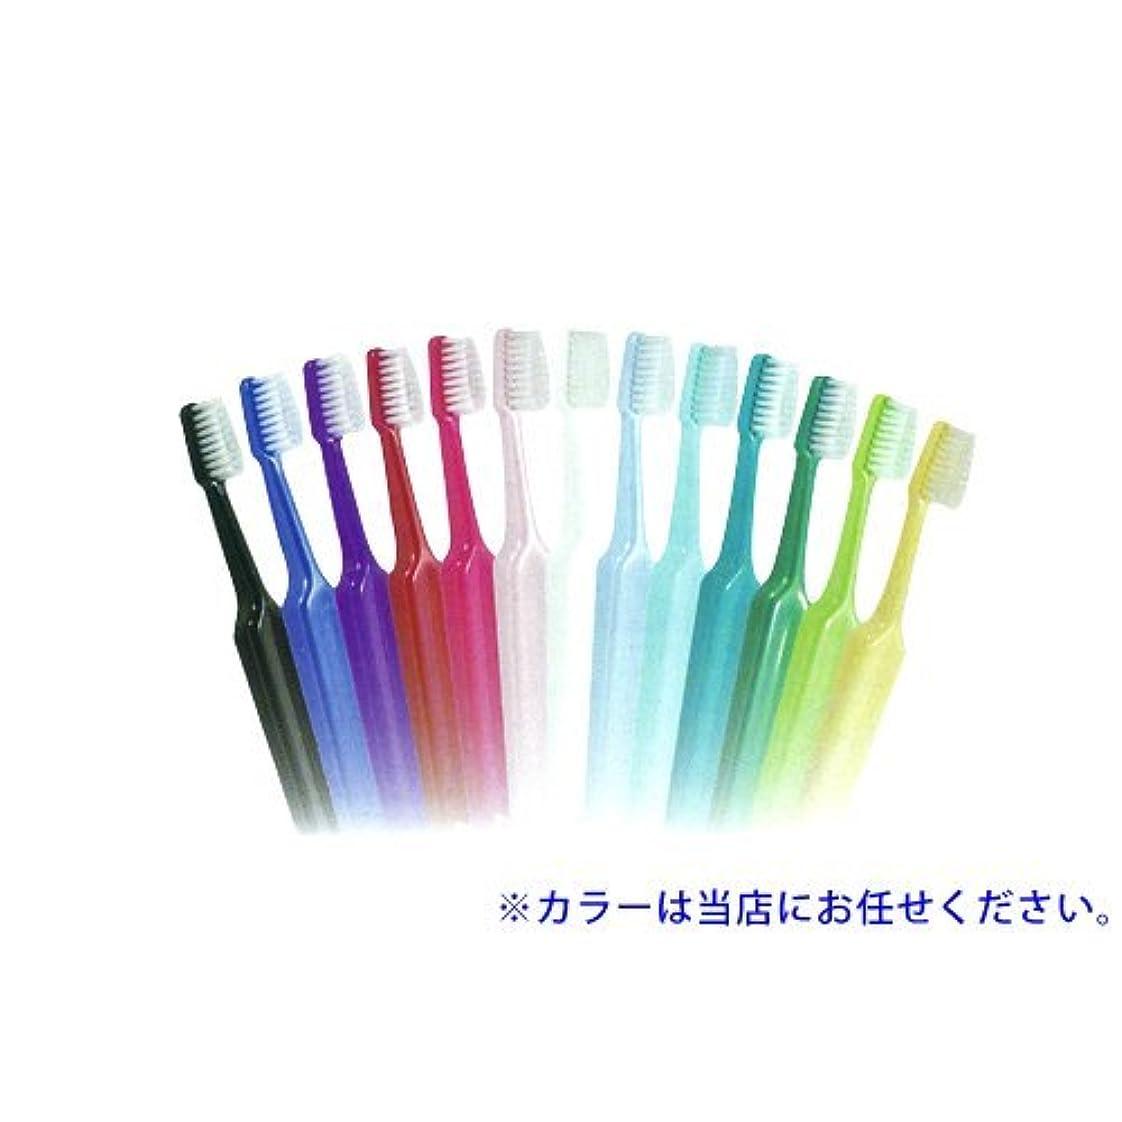 該当するありそう支援クロスフィールド TePe テペ セレクトコンパクト 歯ブラシ 1本 コンパクト エクストラソフト